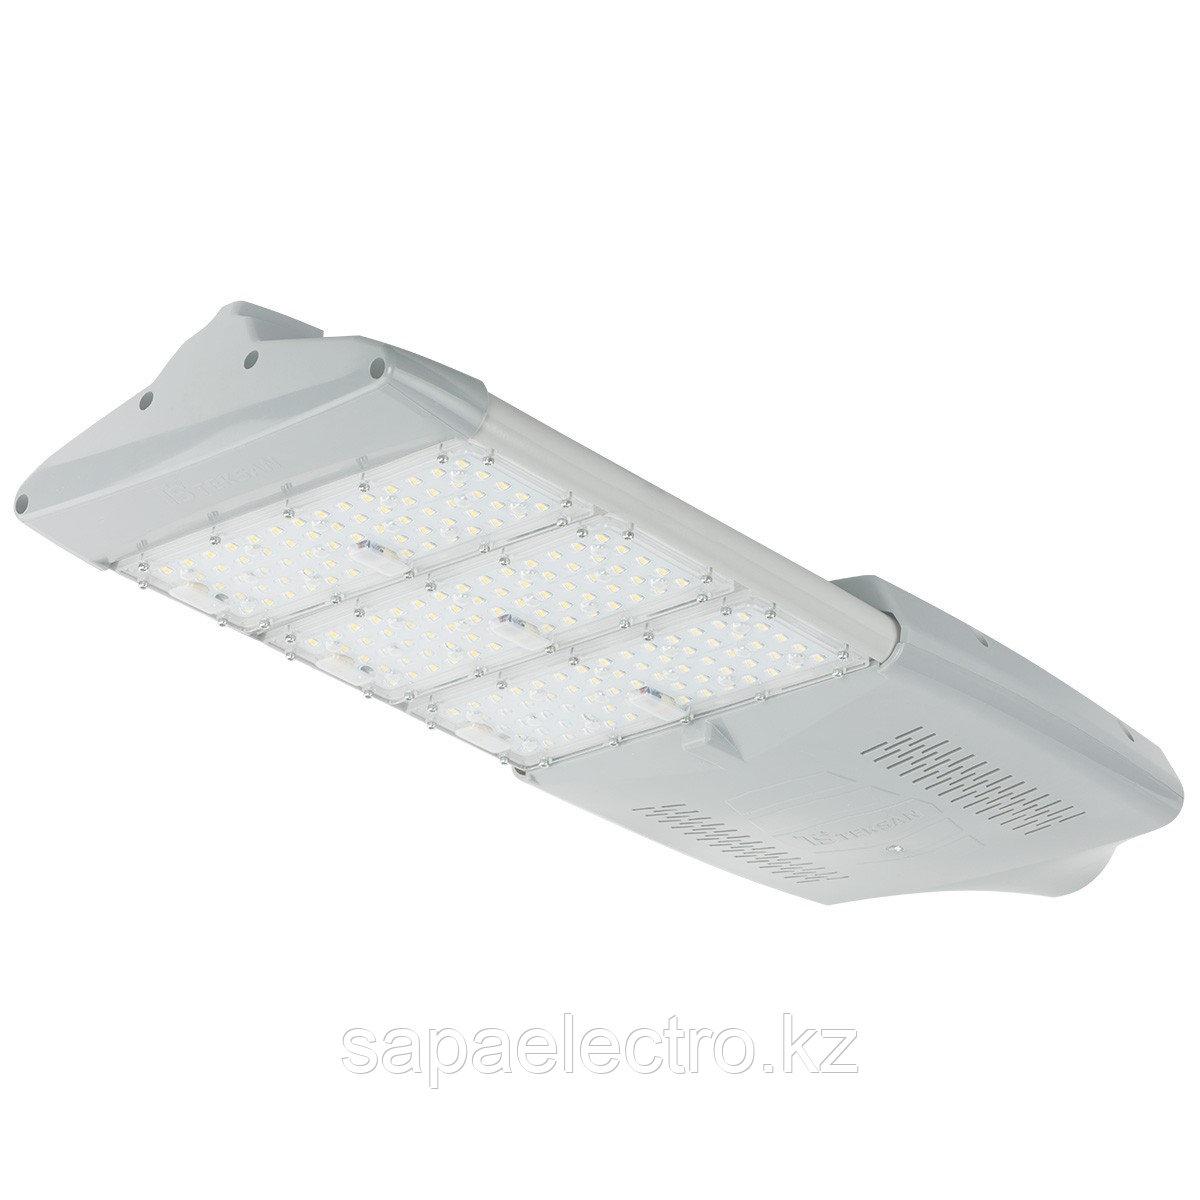 Свет-к RKU LED SMART 3*60W с гербоксом (3 года гара